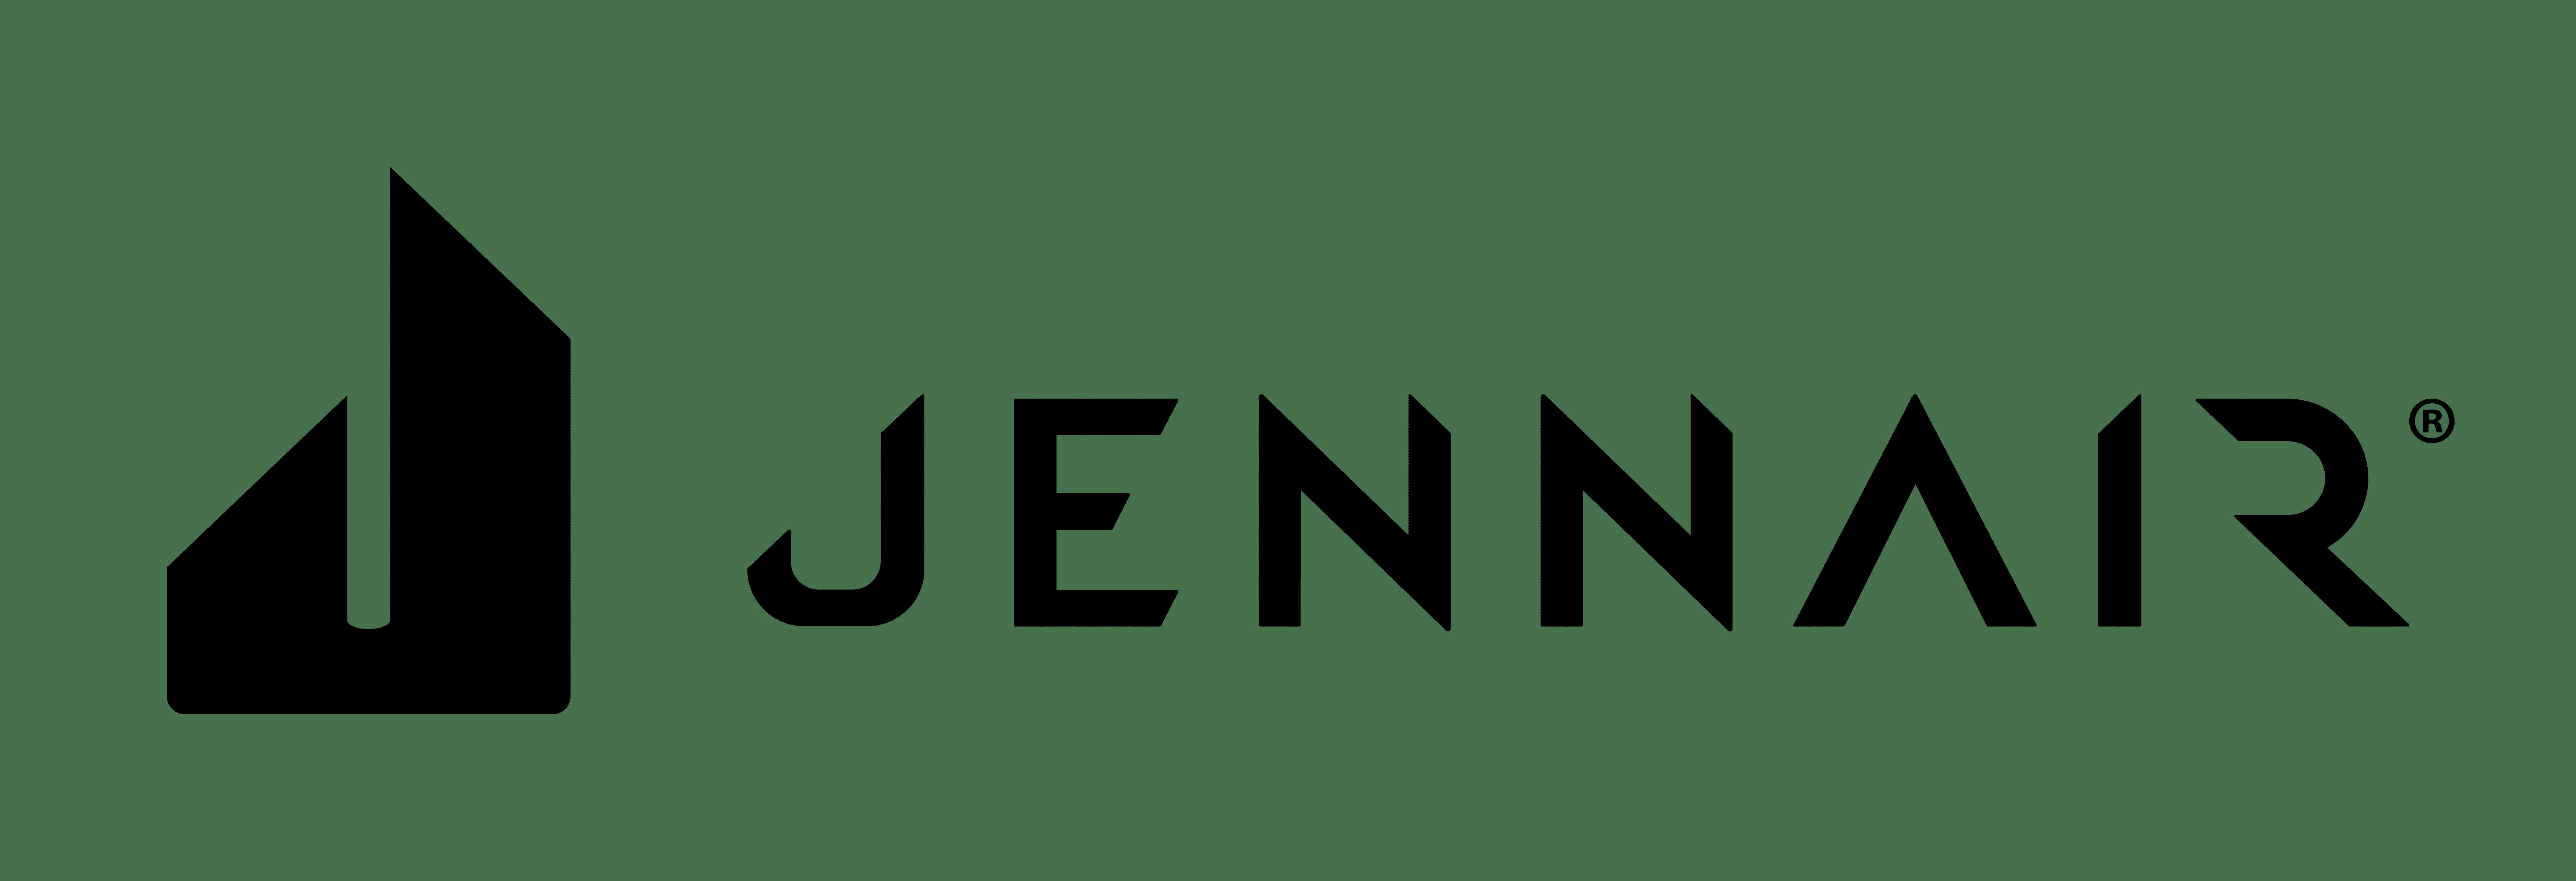 Jenn-Air Brand logo